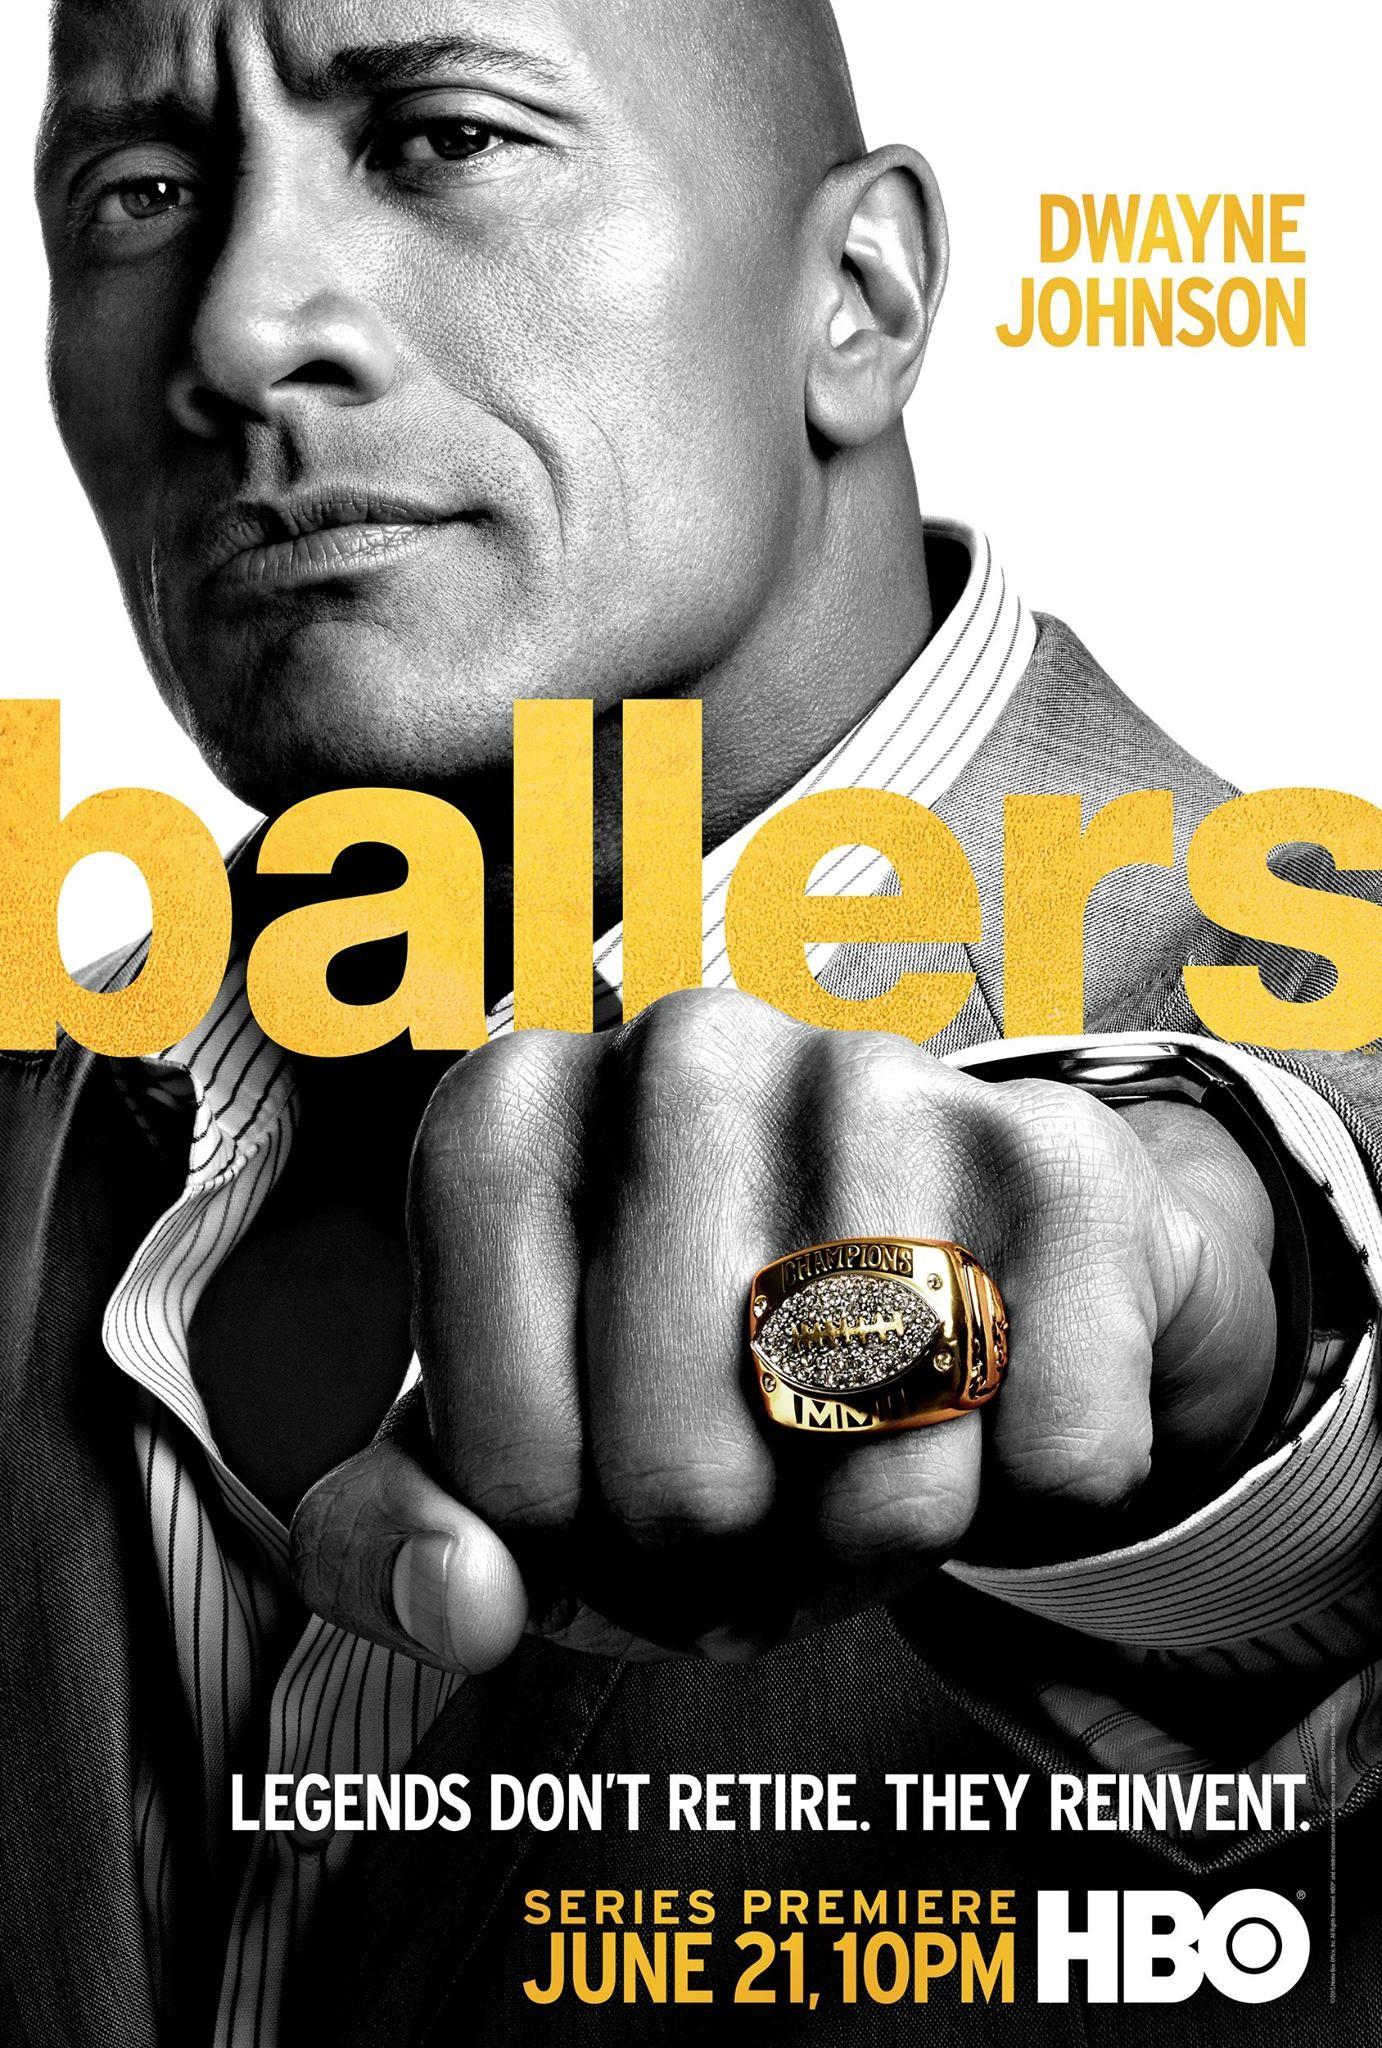 смотреть фильм футболисты игроки